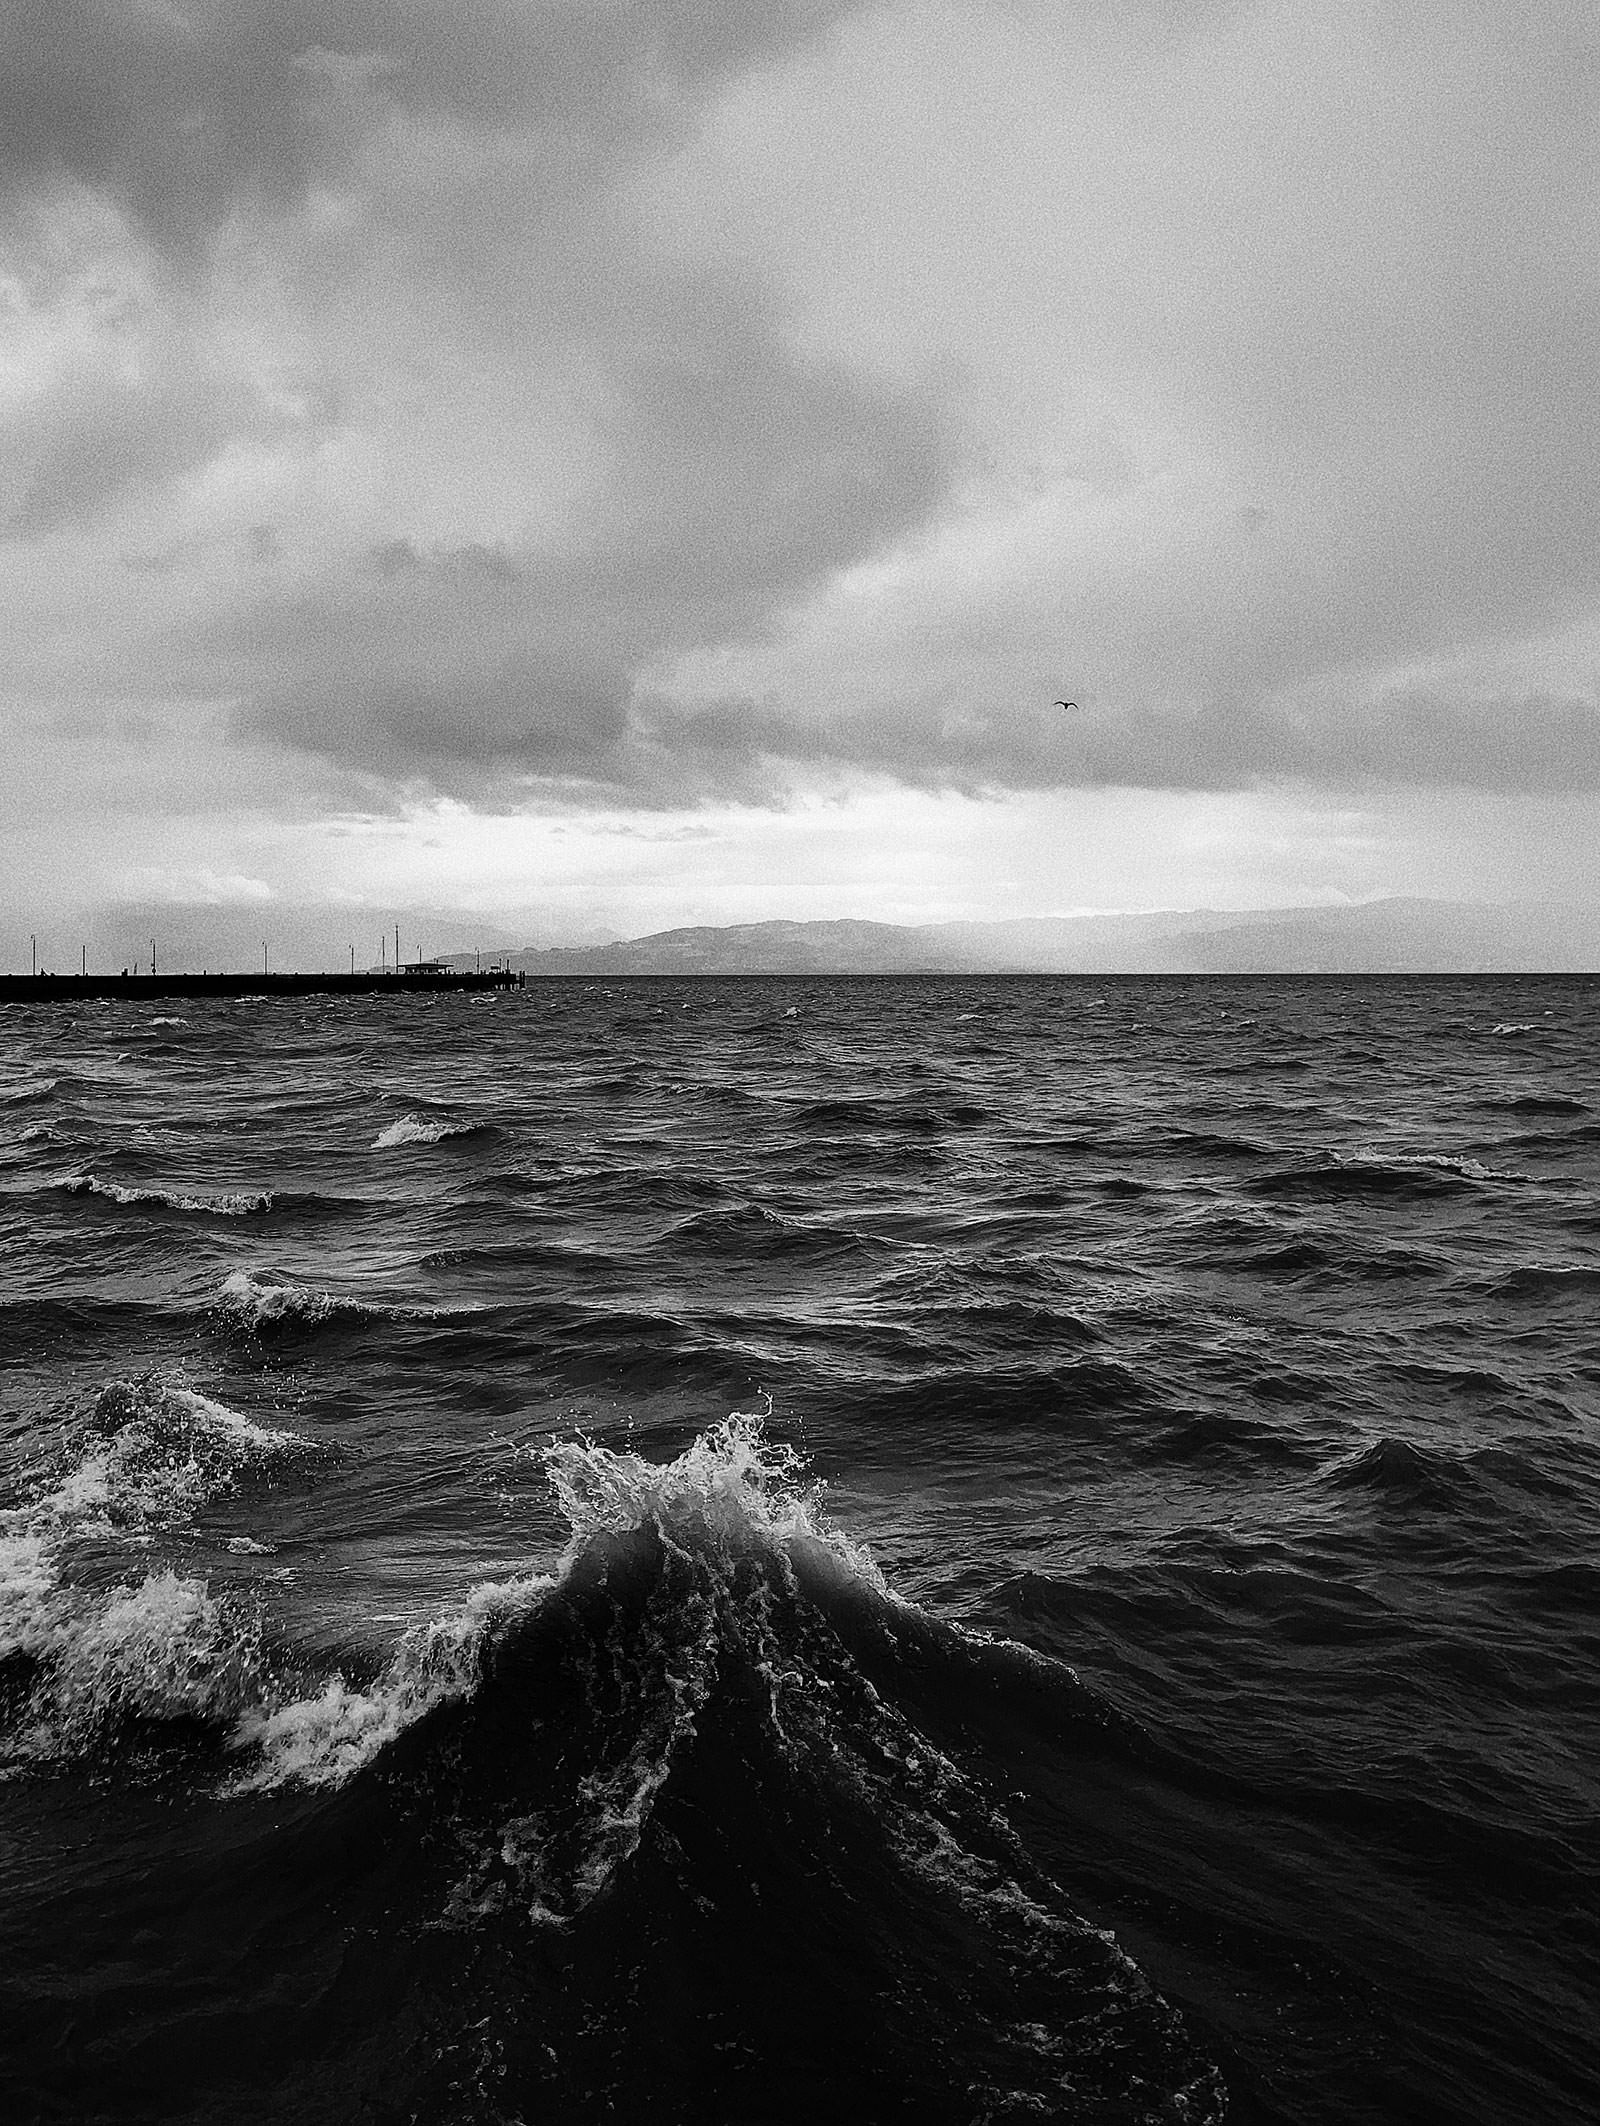 Waves, Langenargen, October 2019